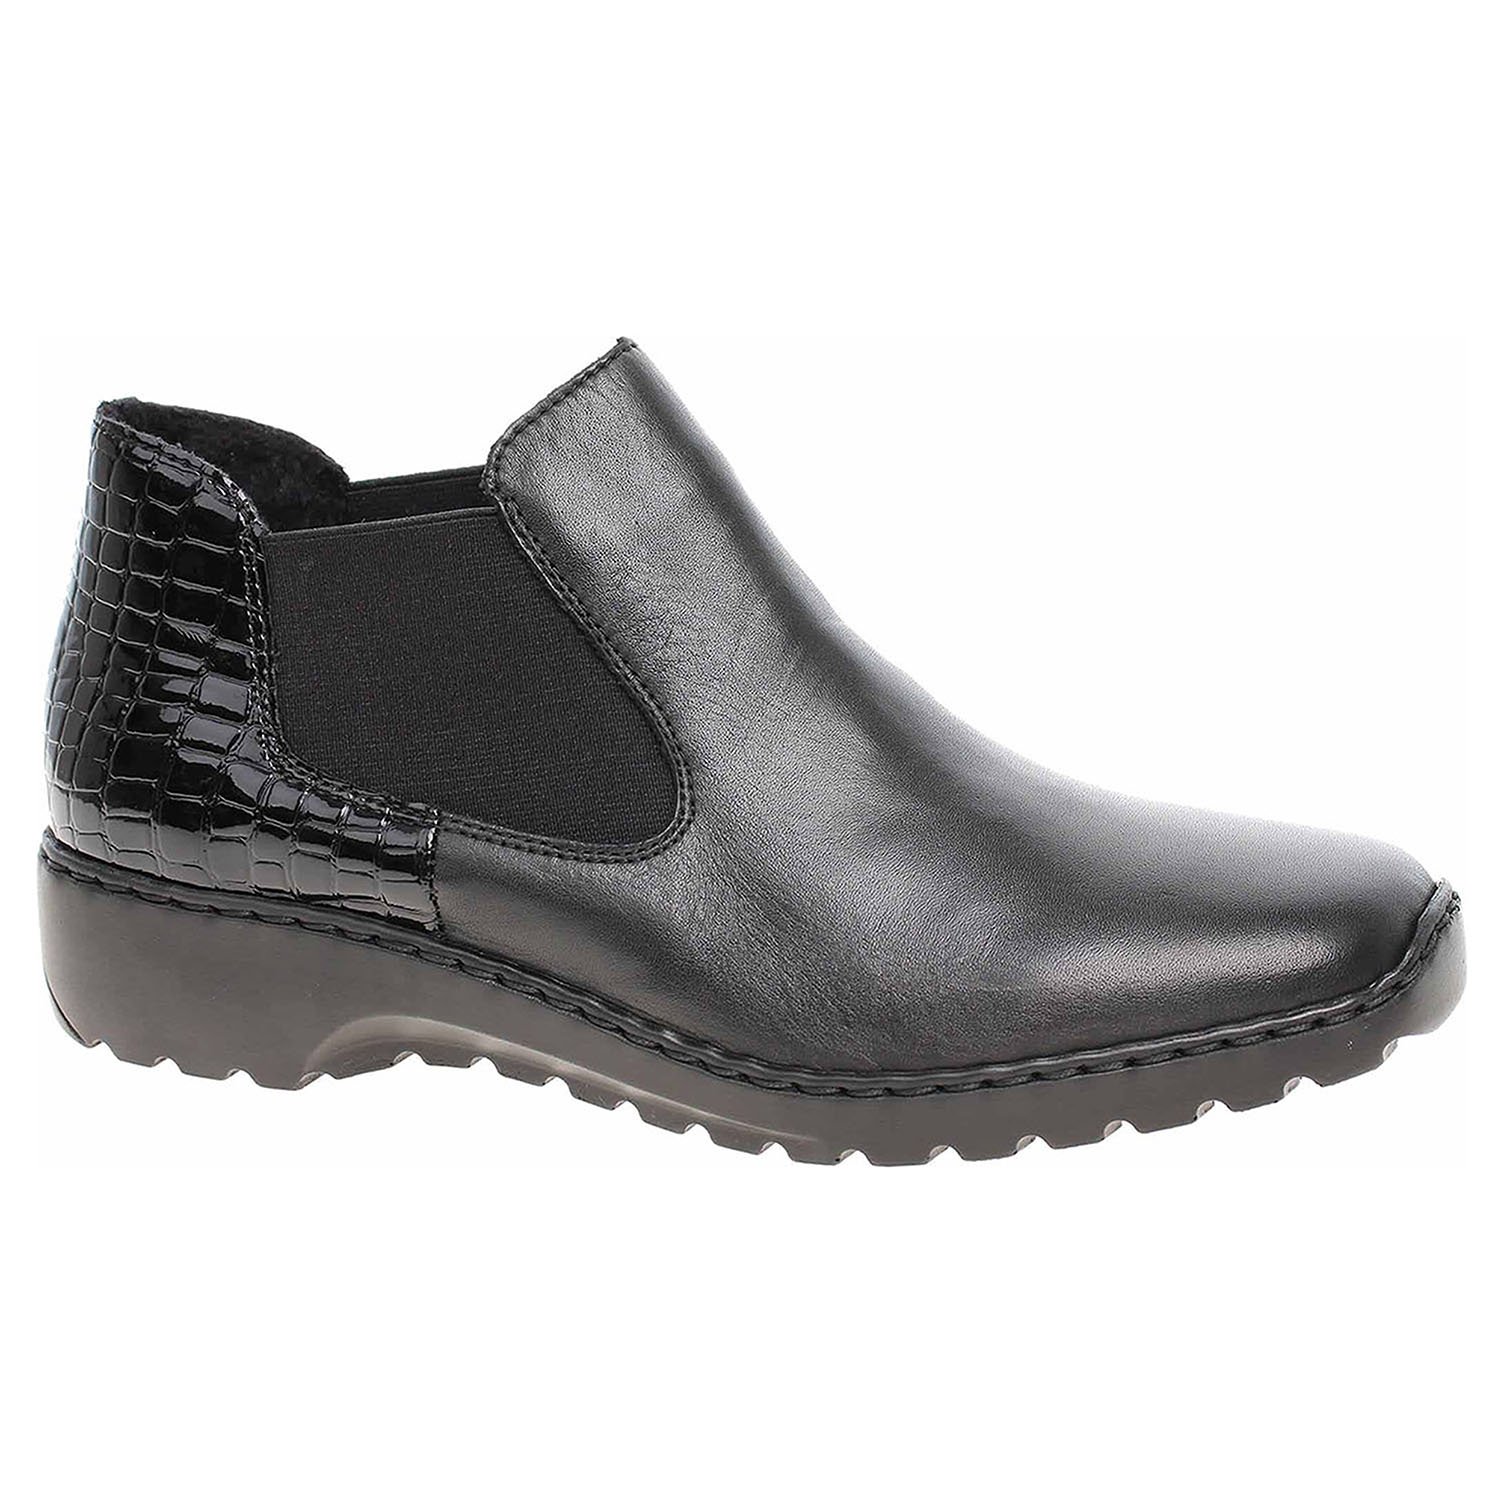 Dámská kotníková obuv Rieker L6090-02 schwarz L6090-02 41